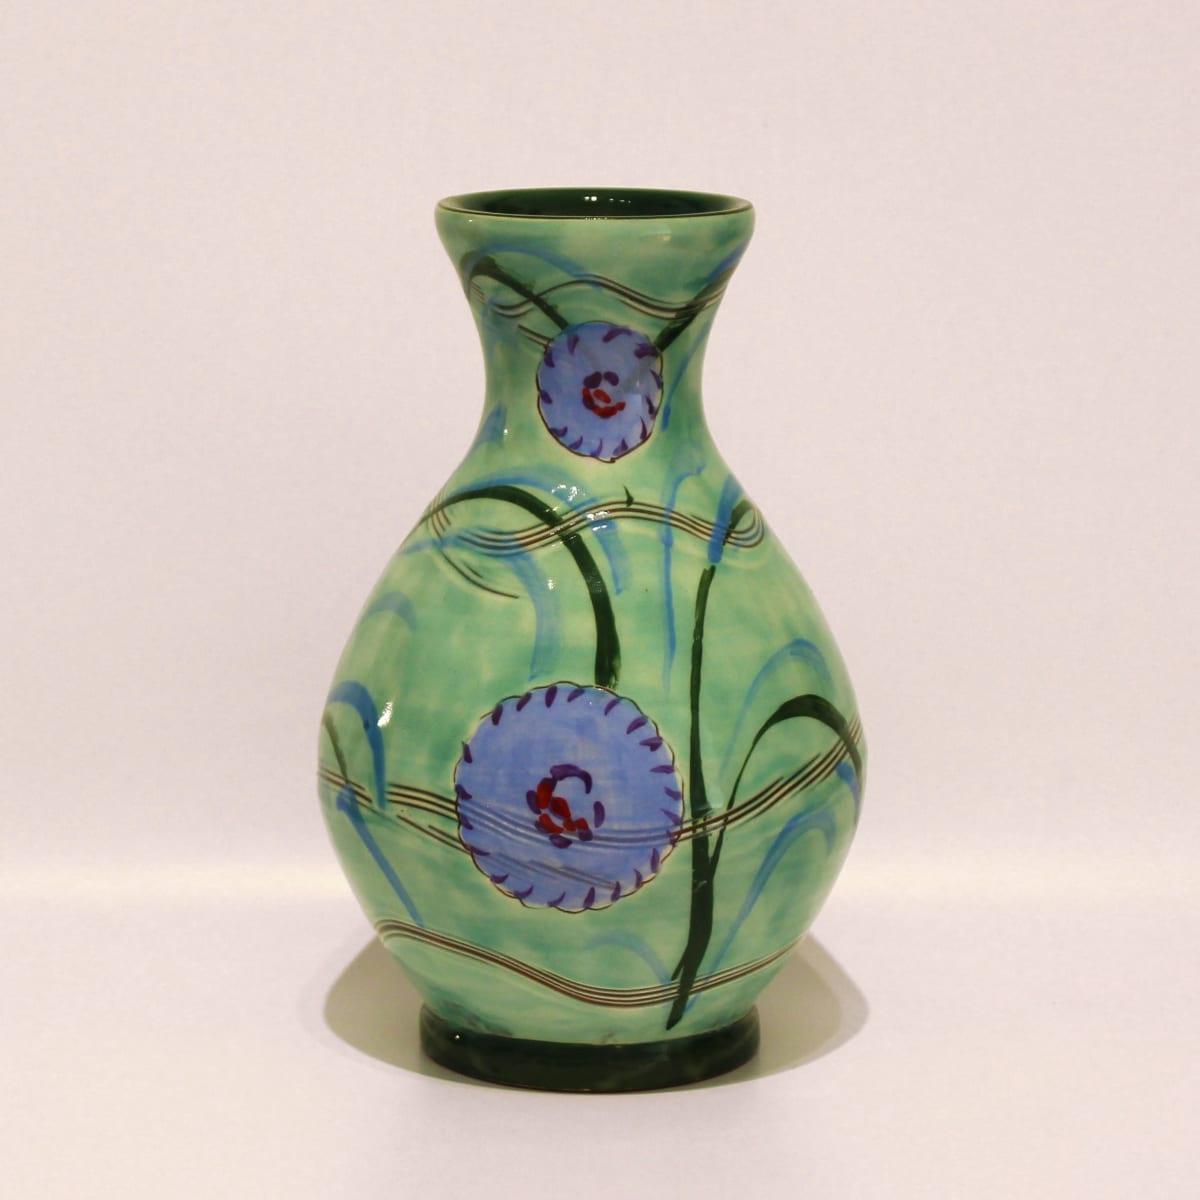 Ben Carter, Vase